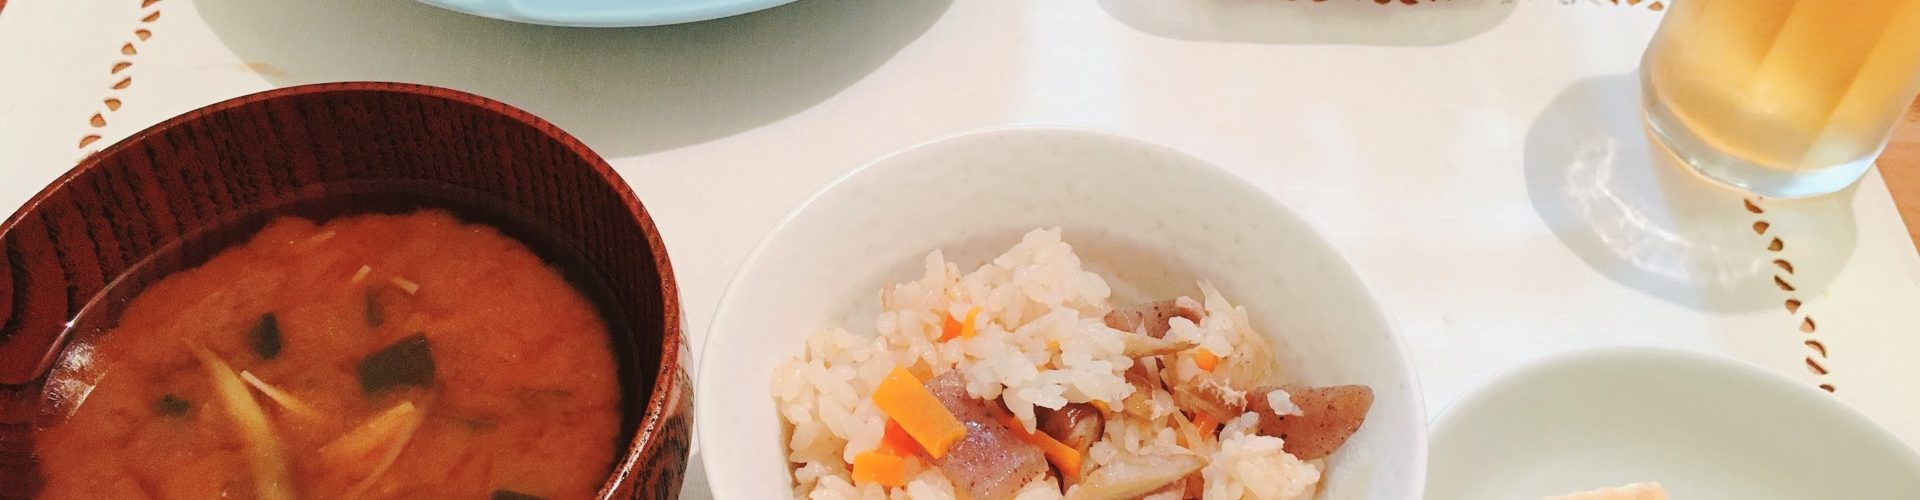 夕ご飯「炊き込みご飯&冷奴&赤だしの味噌汁」